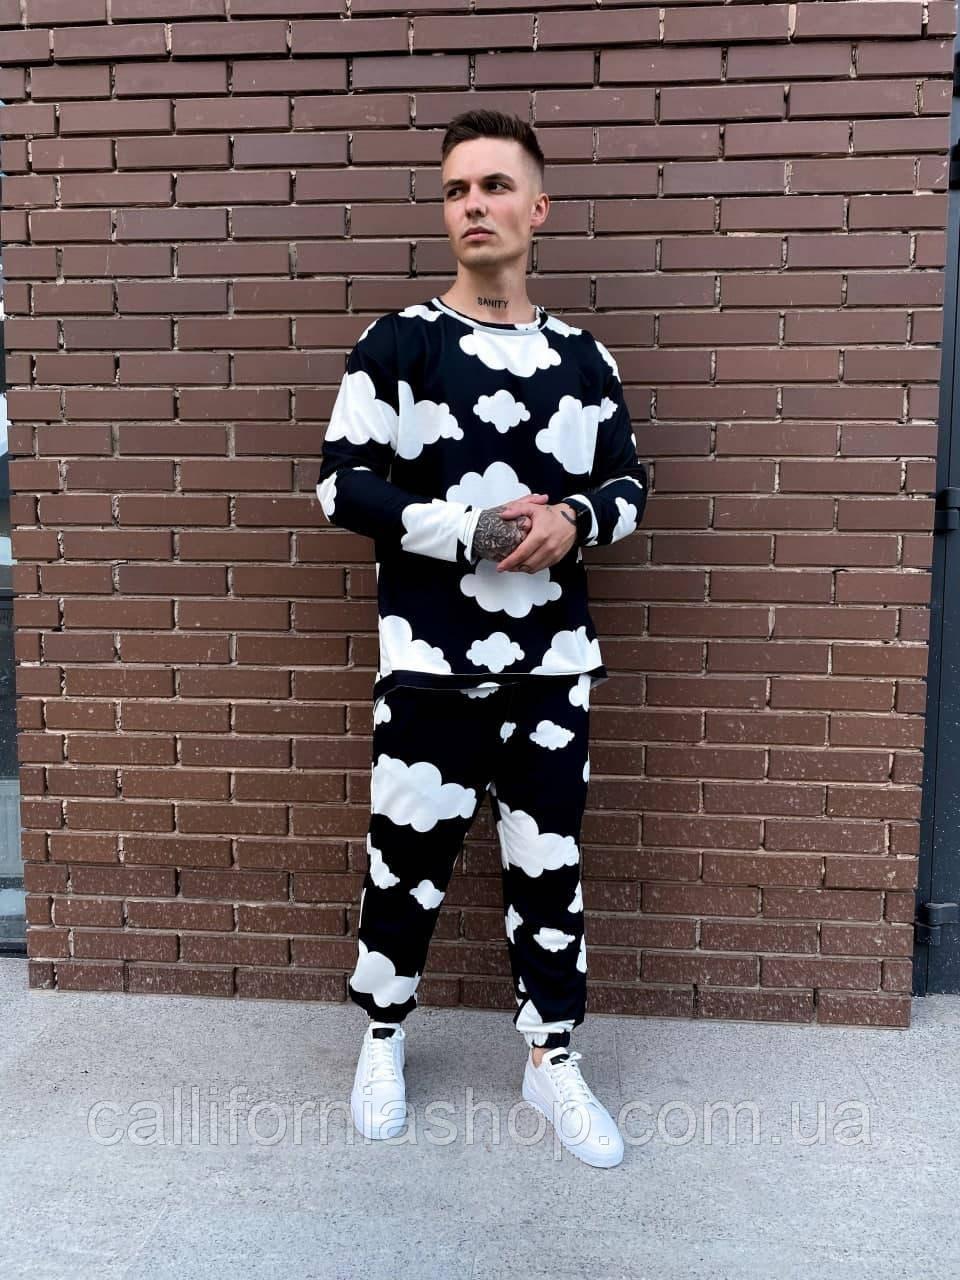 Костюм чоловічий спортивний чорний світшот штани з хмарами оригінальний